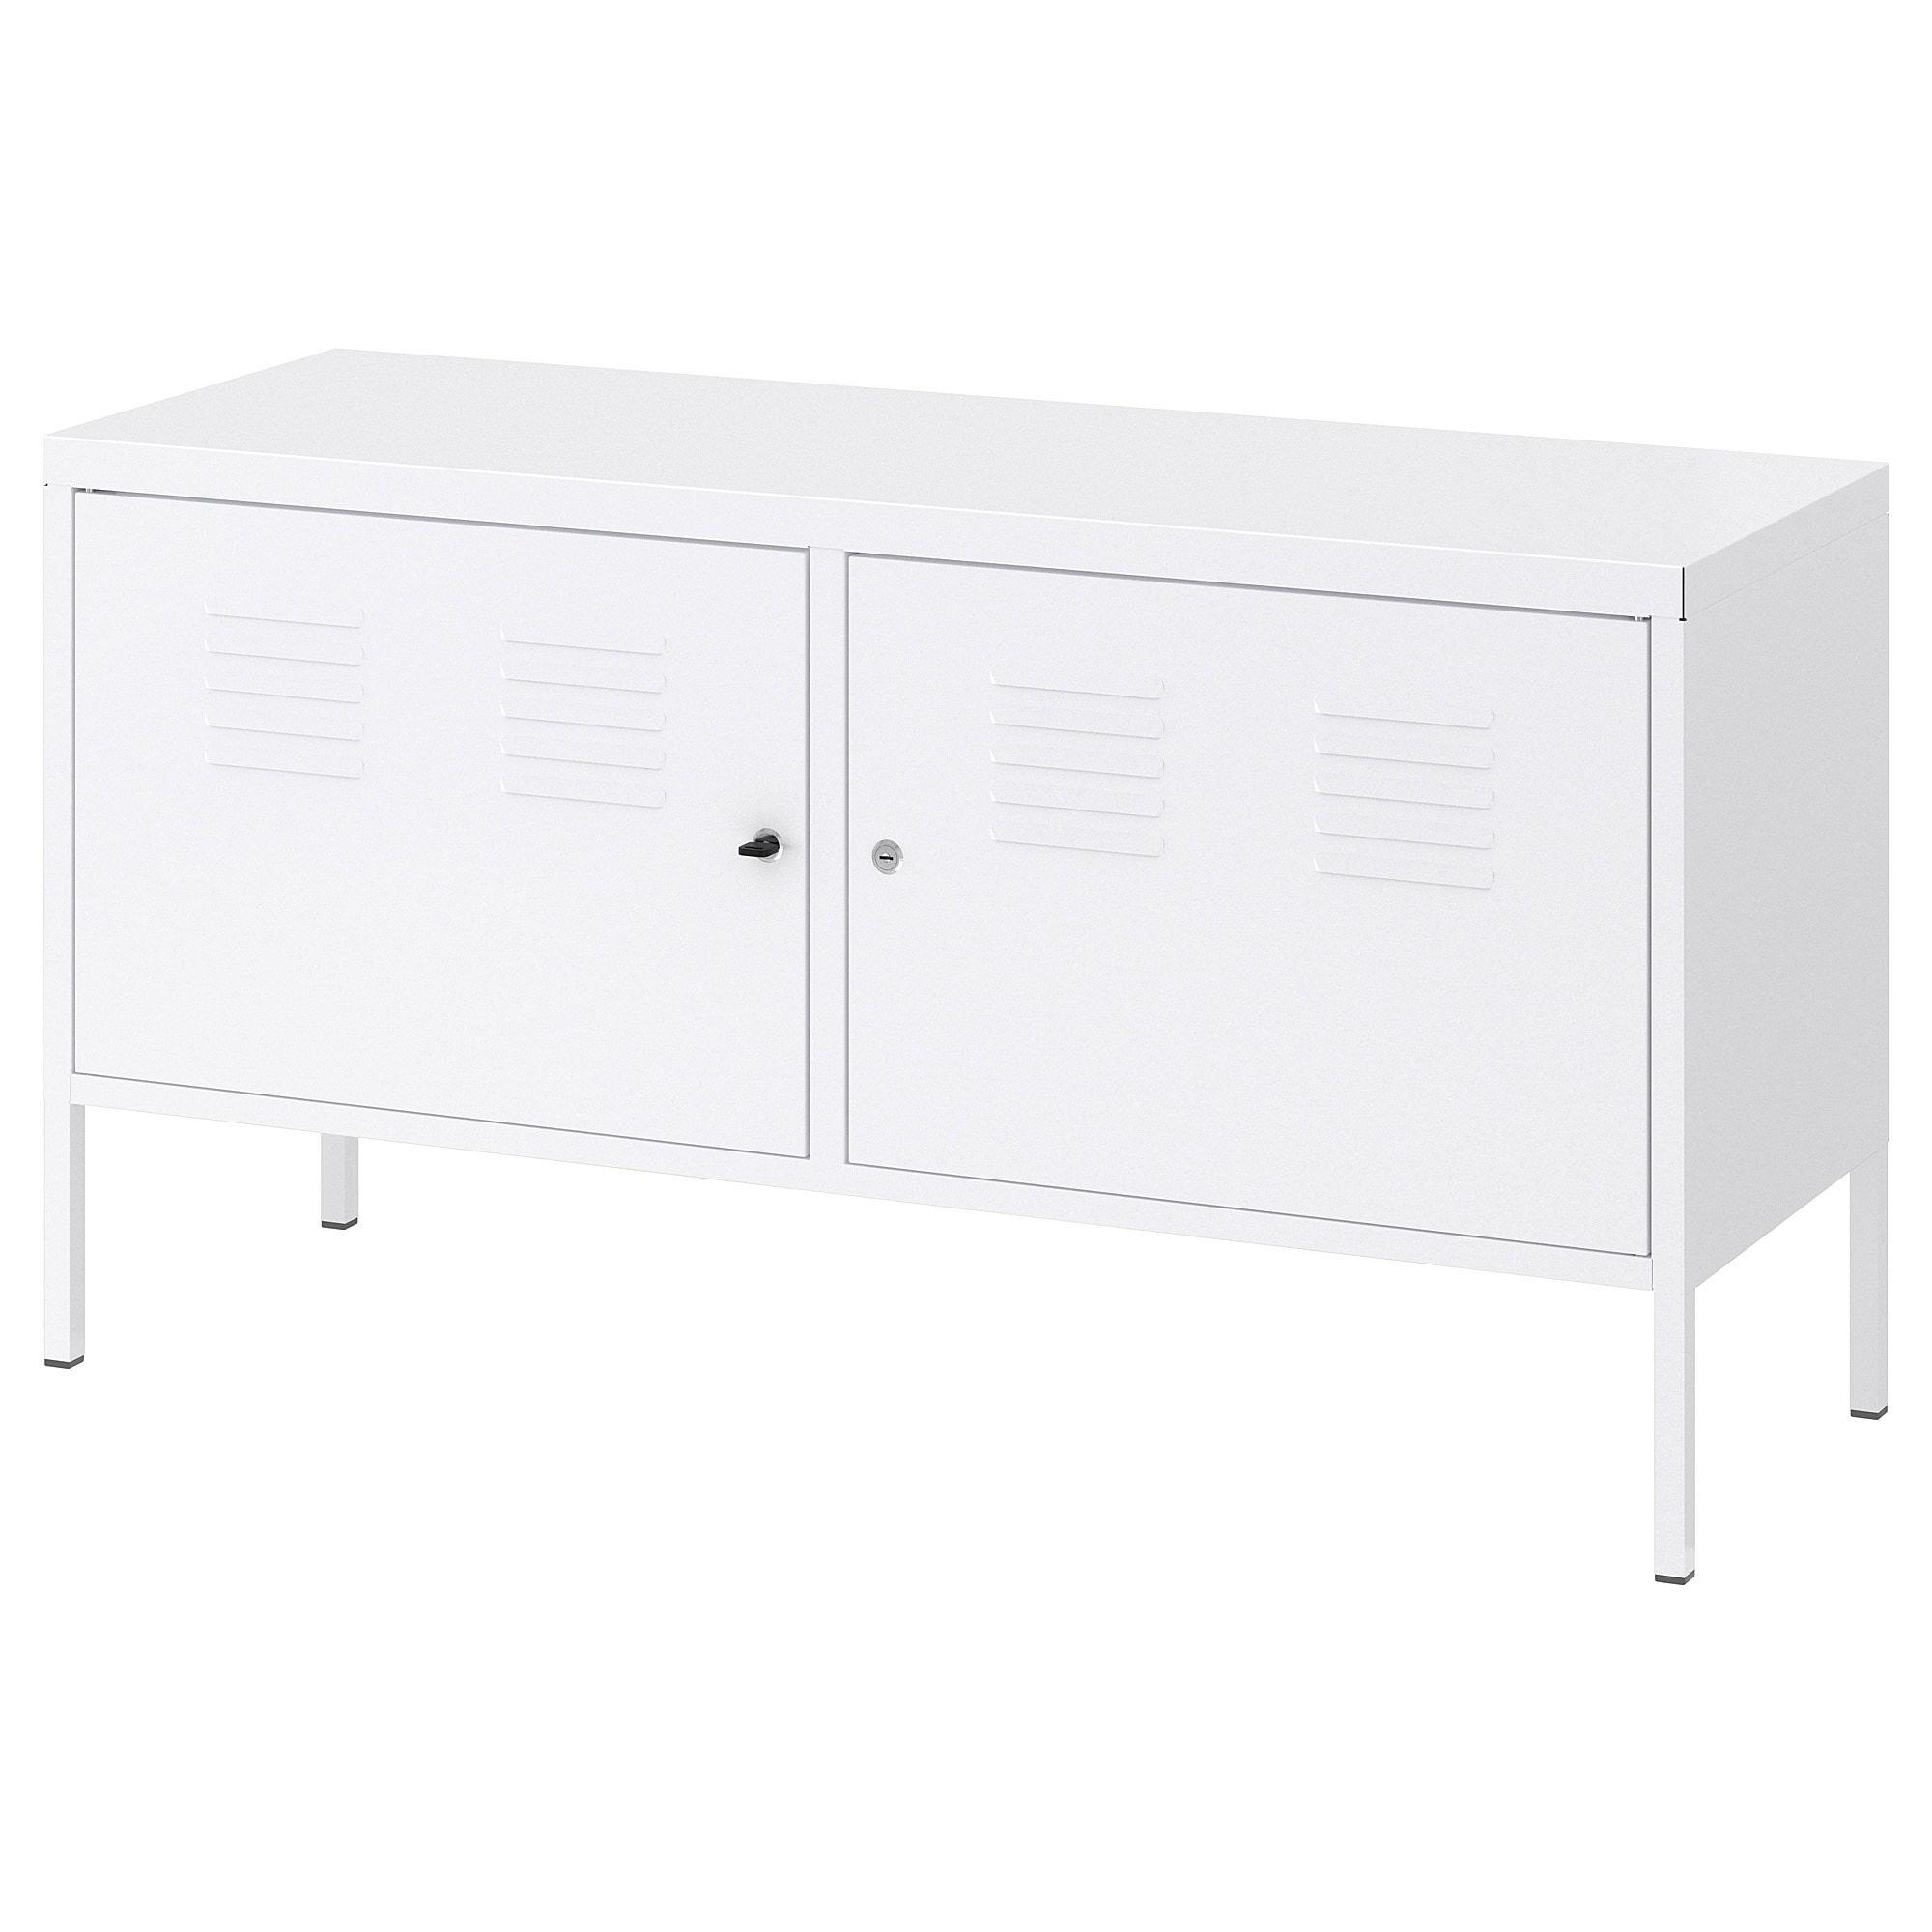 Garderobekast Wit Ikea.Ikea Ps Kast Wit Hal Pinterest Kast Hal En Ikea